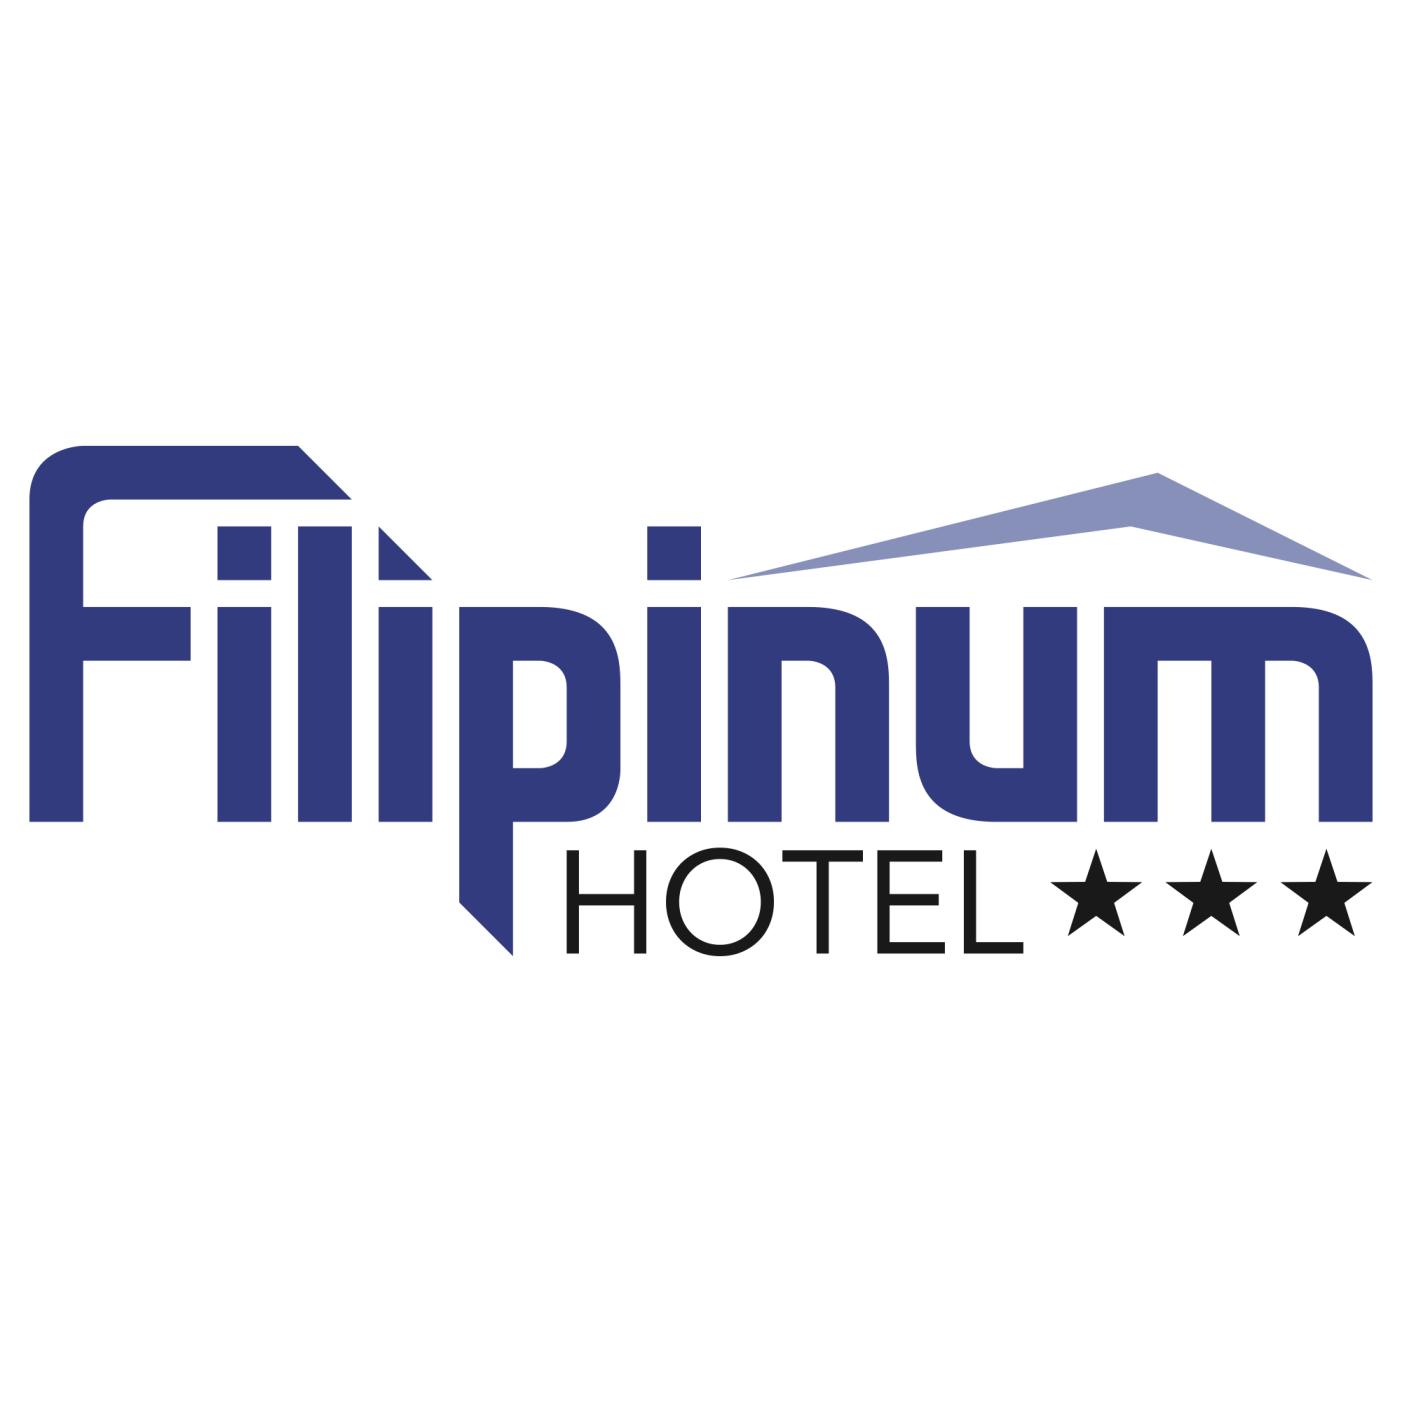 filipinum